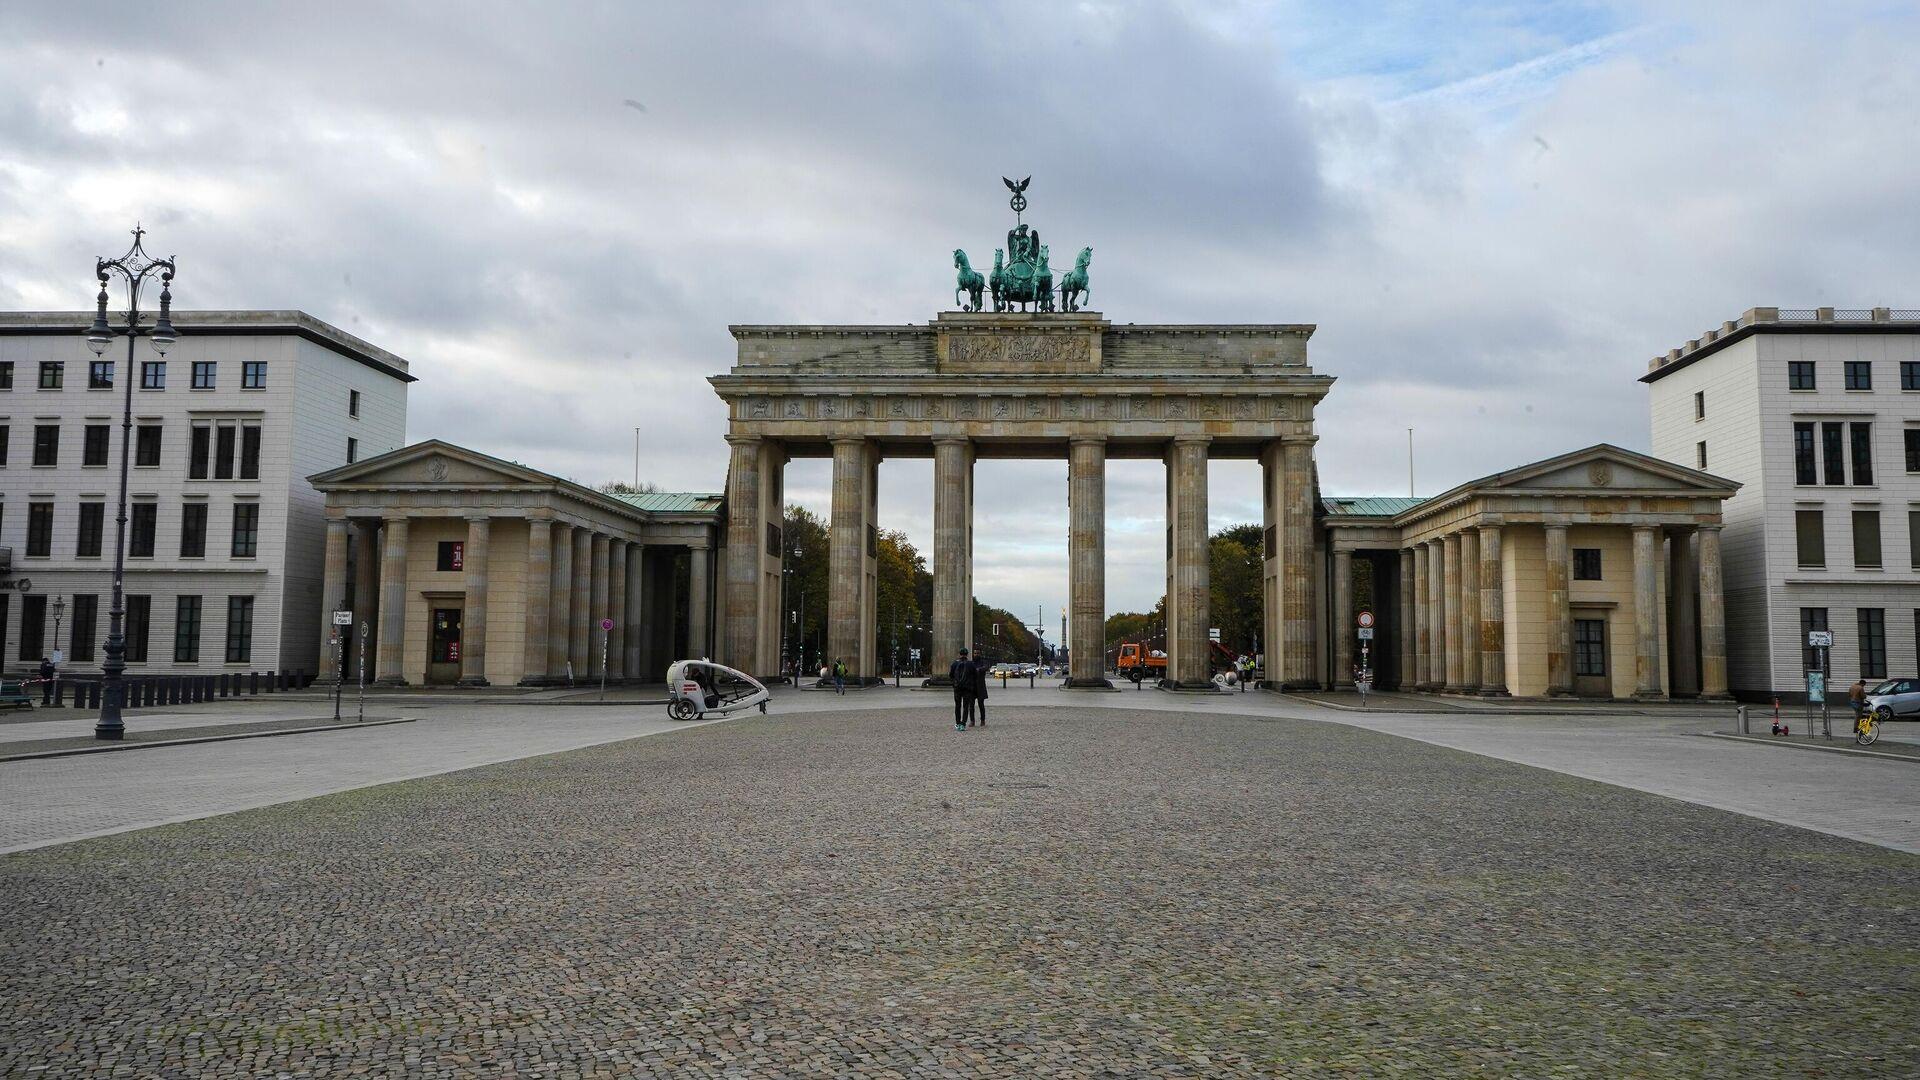 Пустая улица перед Бранденбургскими воротами в Берлине во время карантина, введенного в связи с коронавирусом - РИА Новости, 1920, 08.11.2020